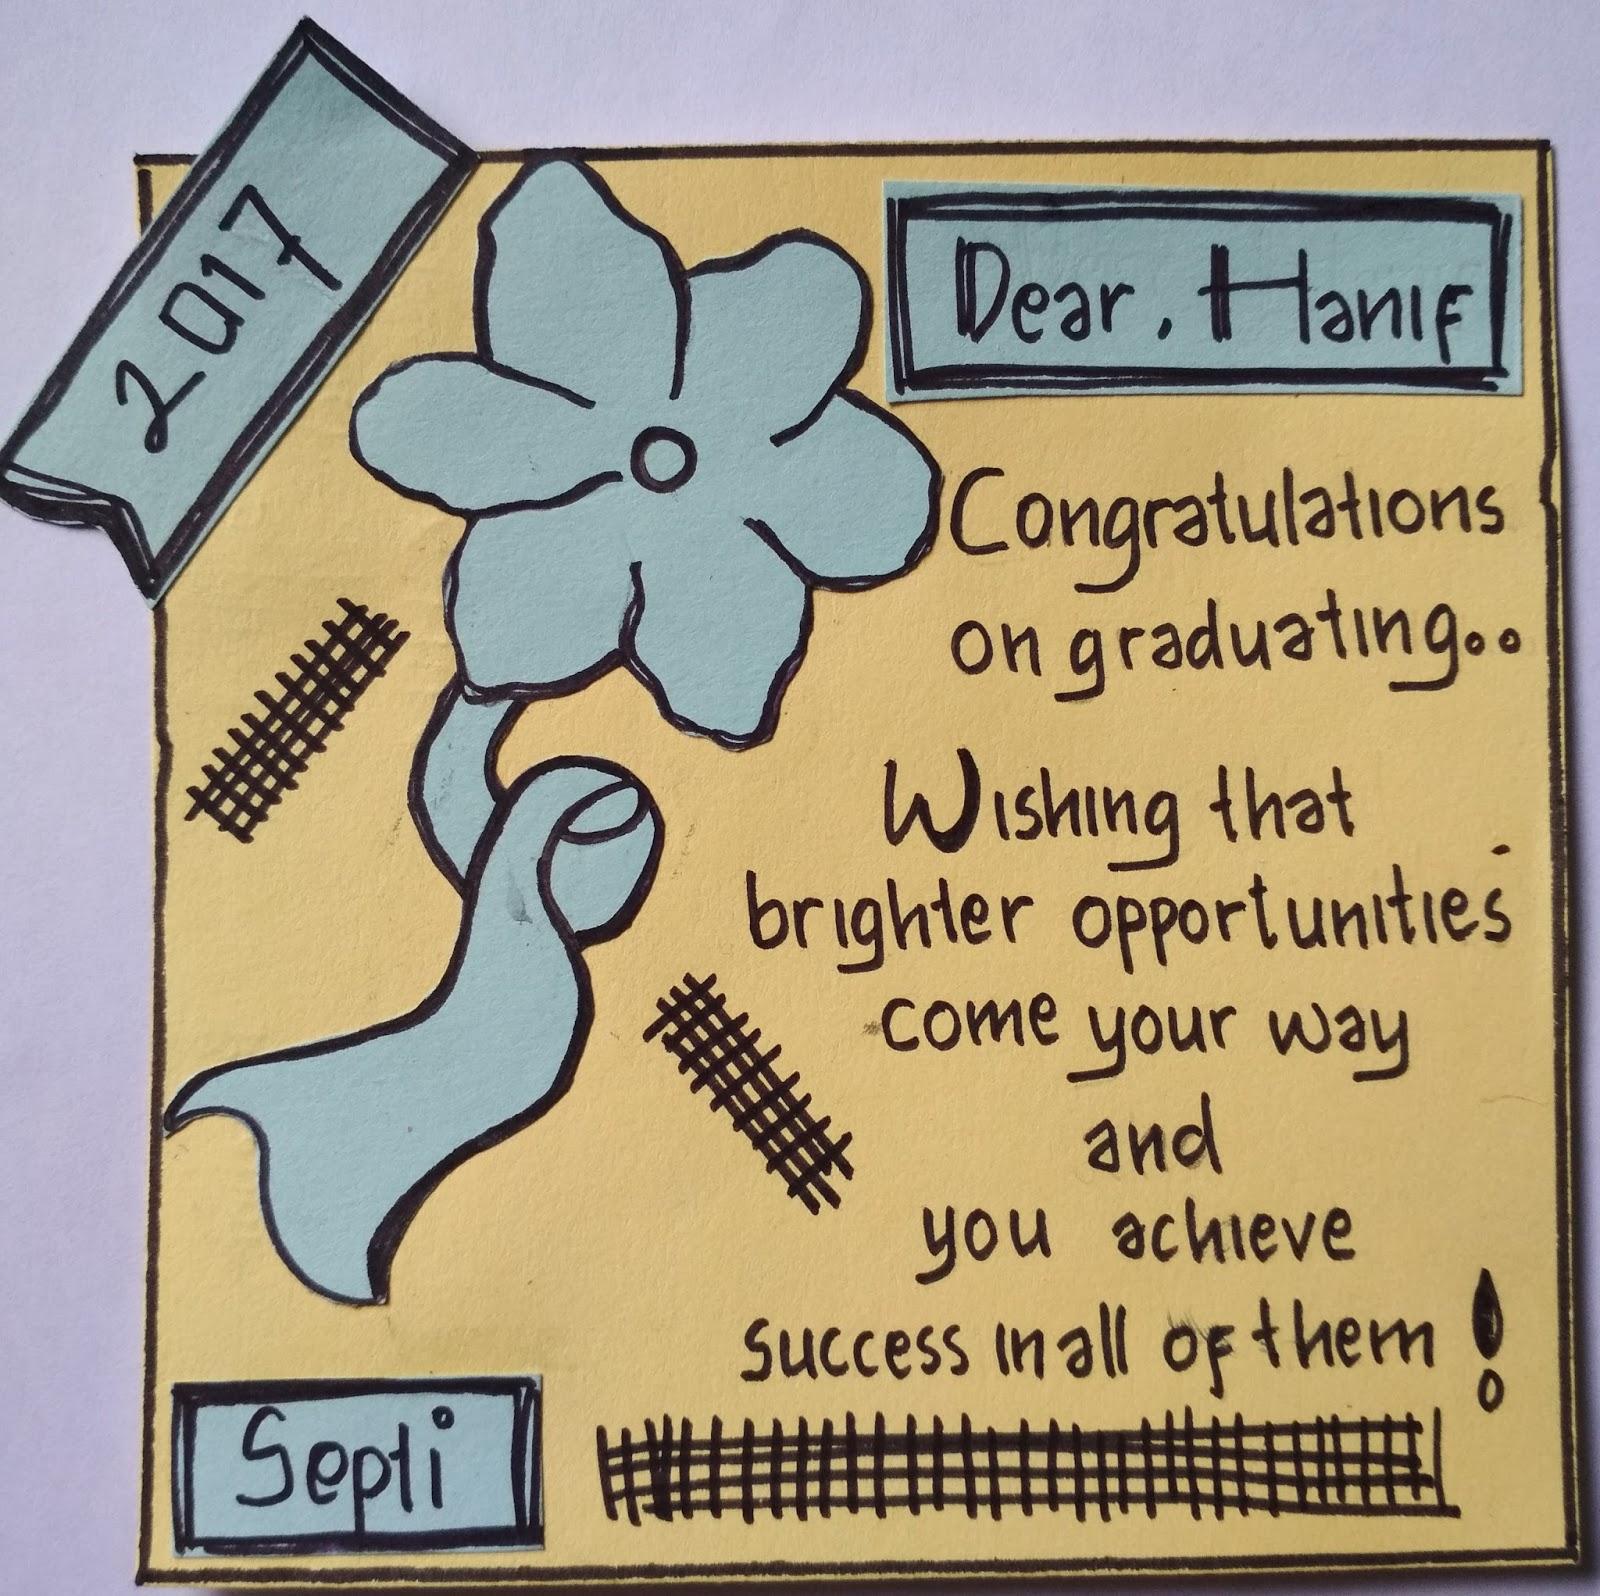 8 Contoh Congratulation Card Kartu Ucapan Selamat Dalam Bahasa